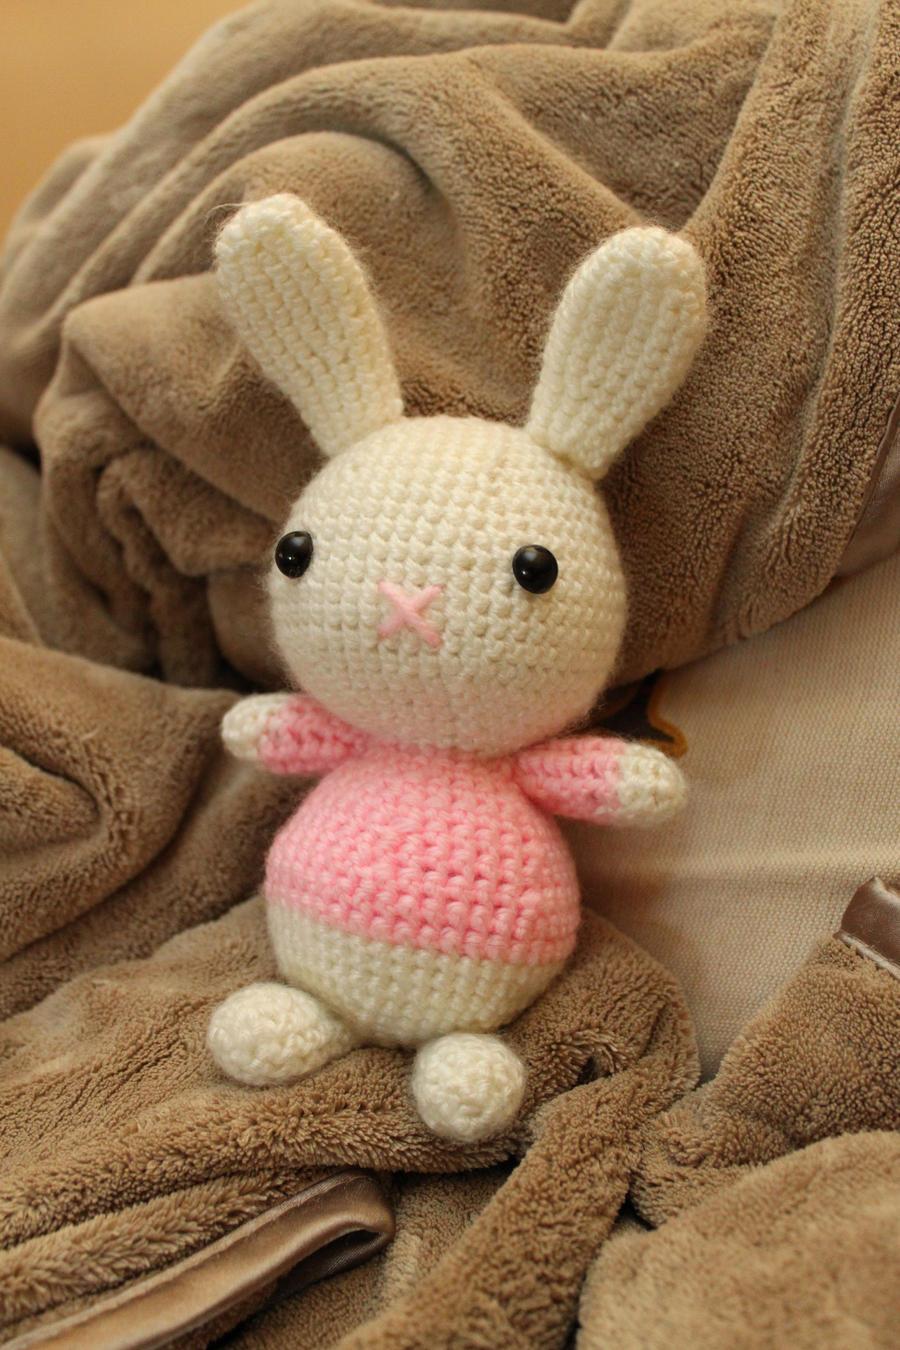 Amigurumi Bunny Face : Amigurumi Bunny by minhdo on DeviantArt